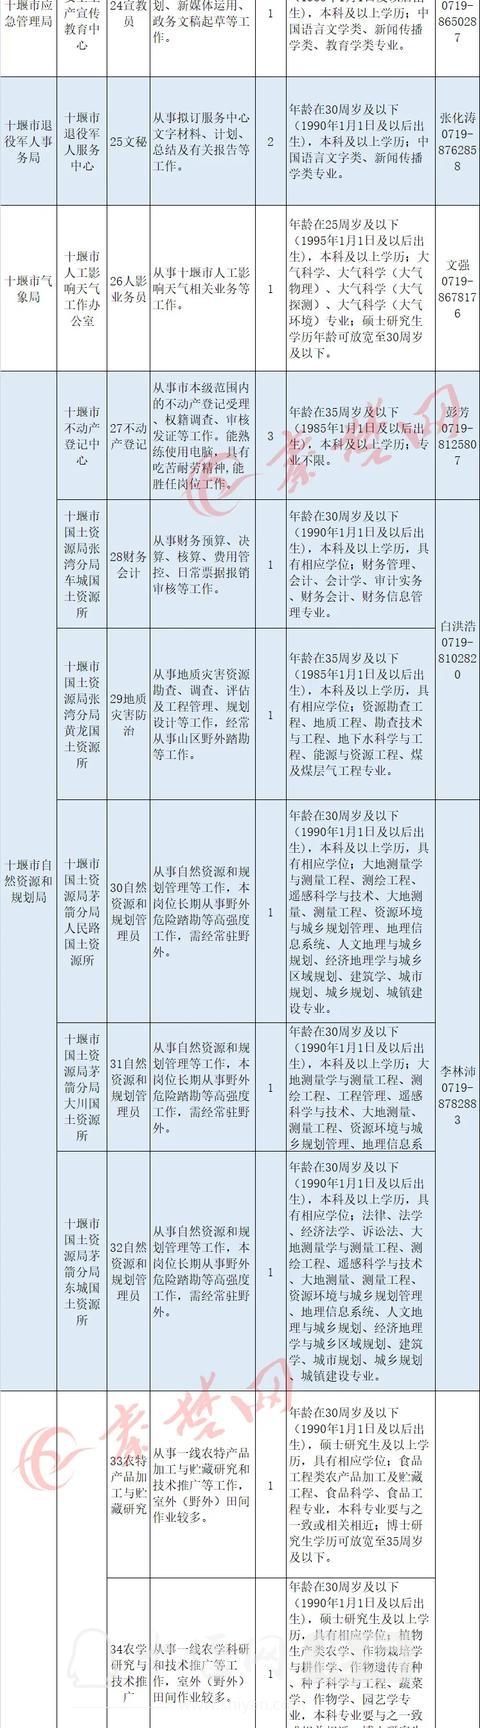 十堰启动事业单位大规模招聘,最全岗位表来了-3.jpg